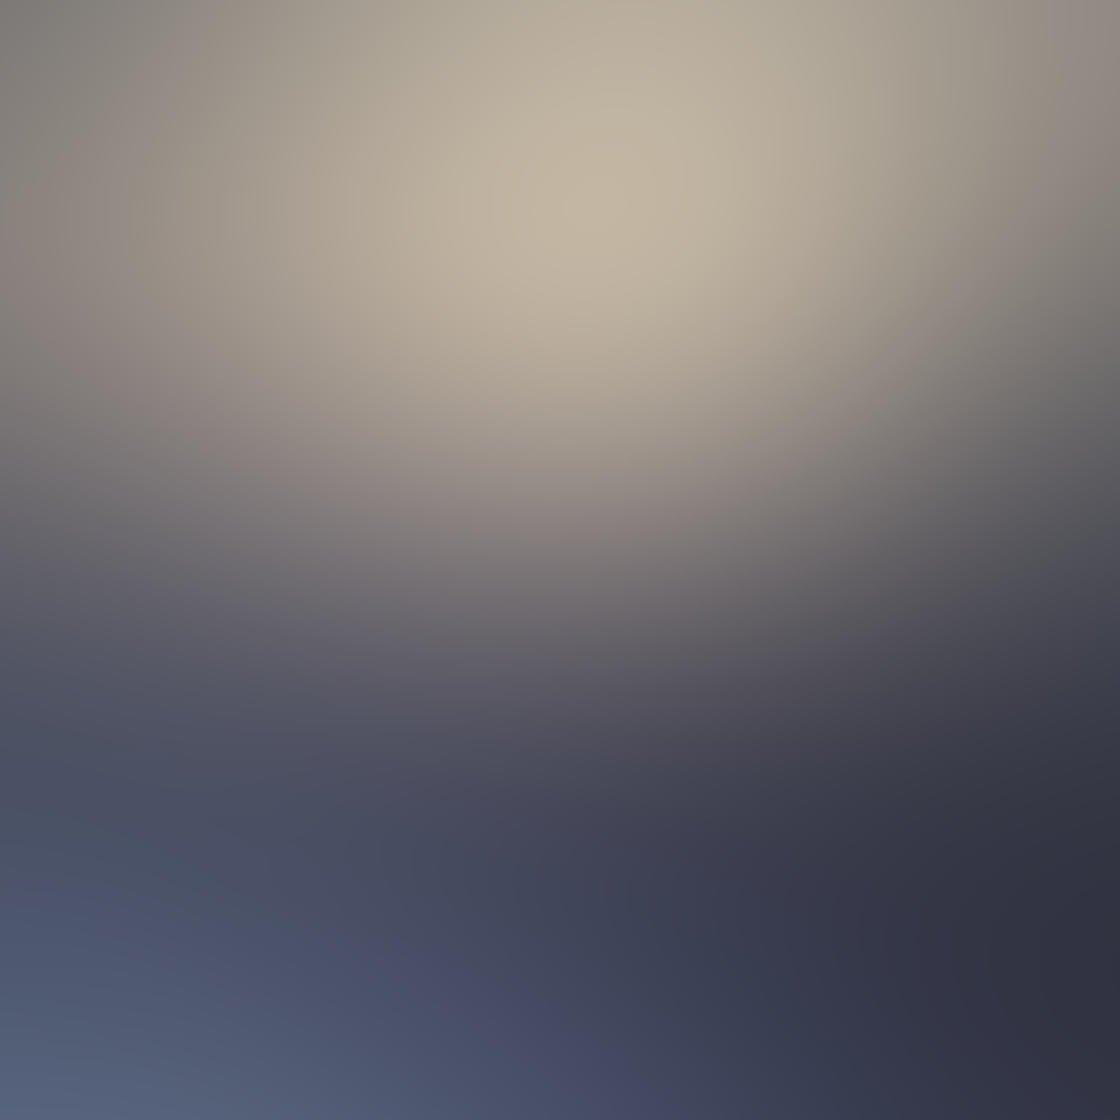 Fog & Mist iPhone Photos 24